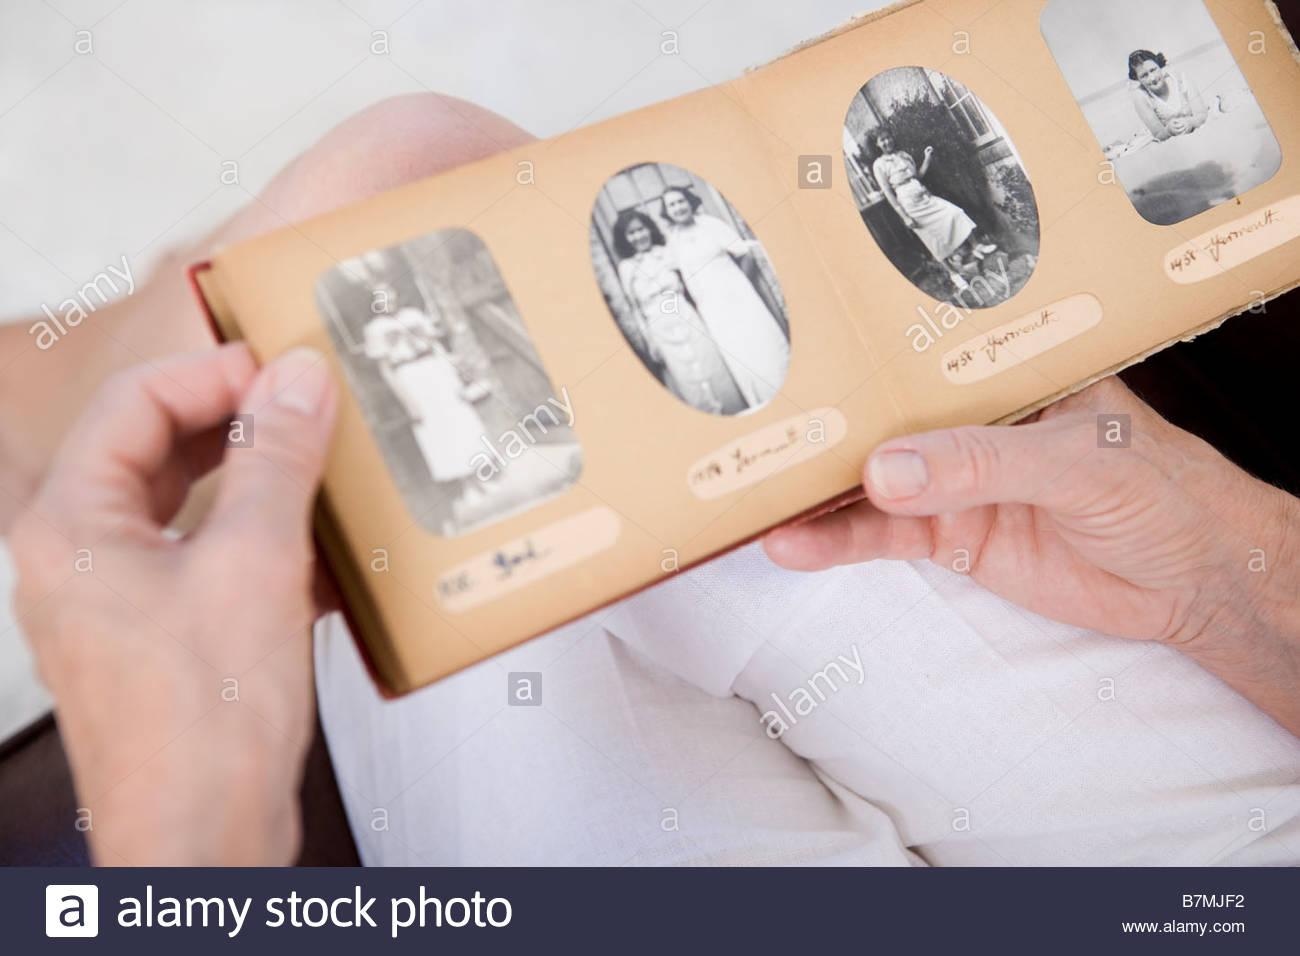 Una mujer mayor mirando viejas fotos familiares Imagen De Stock